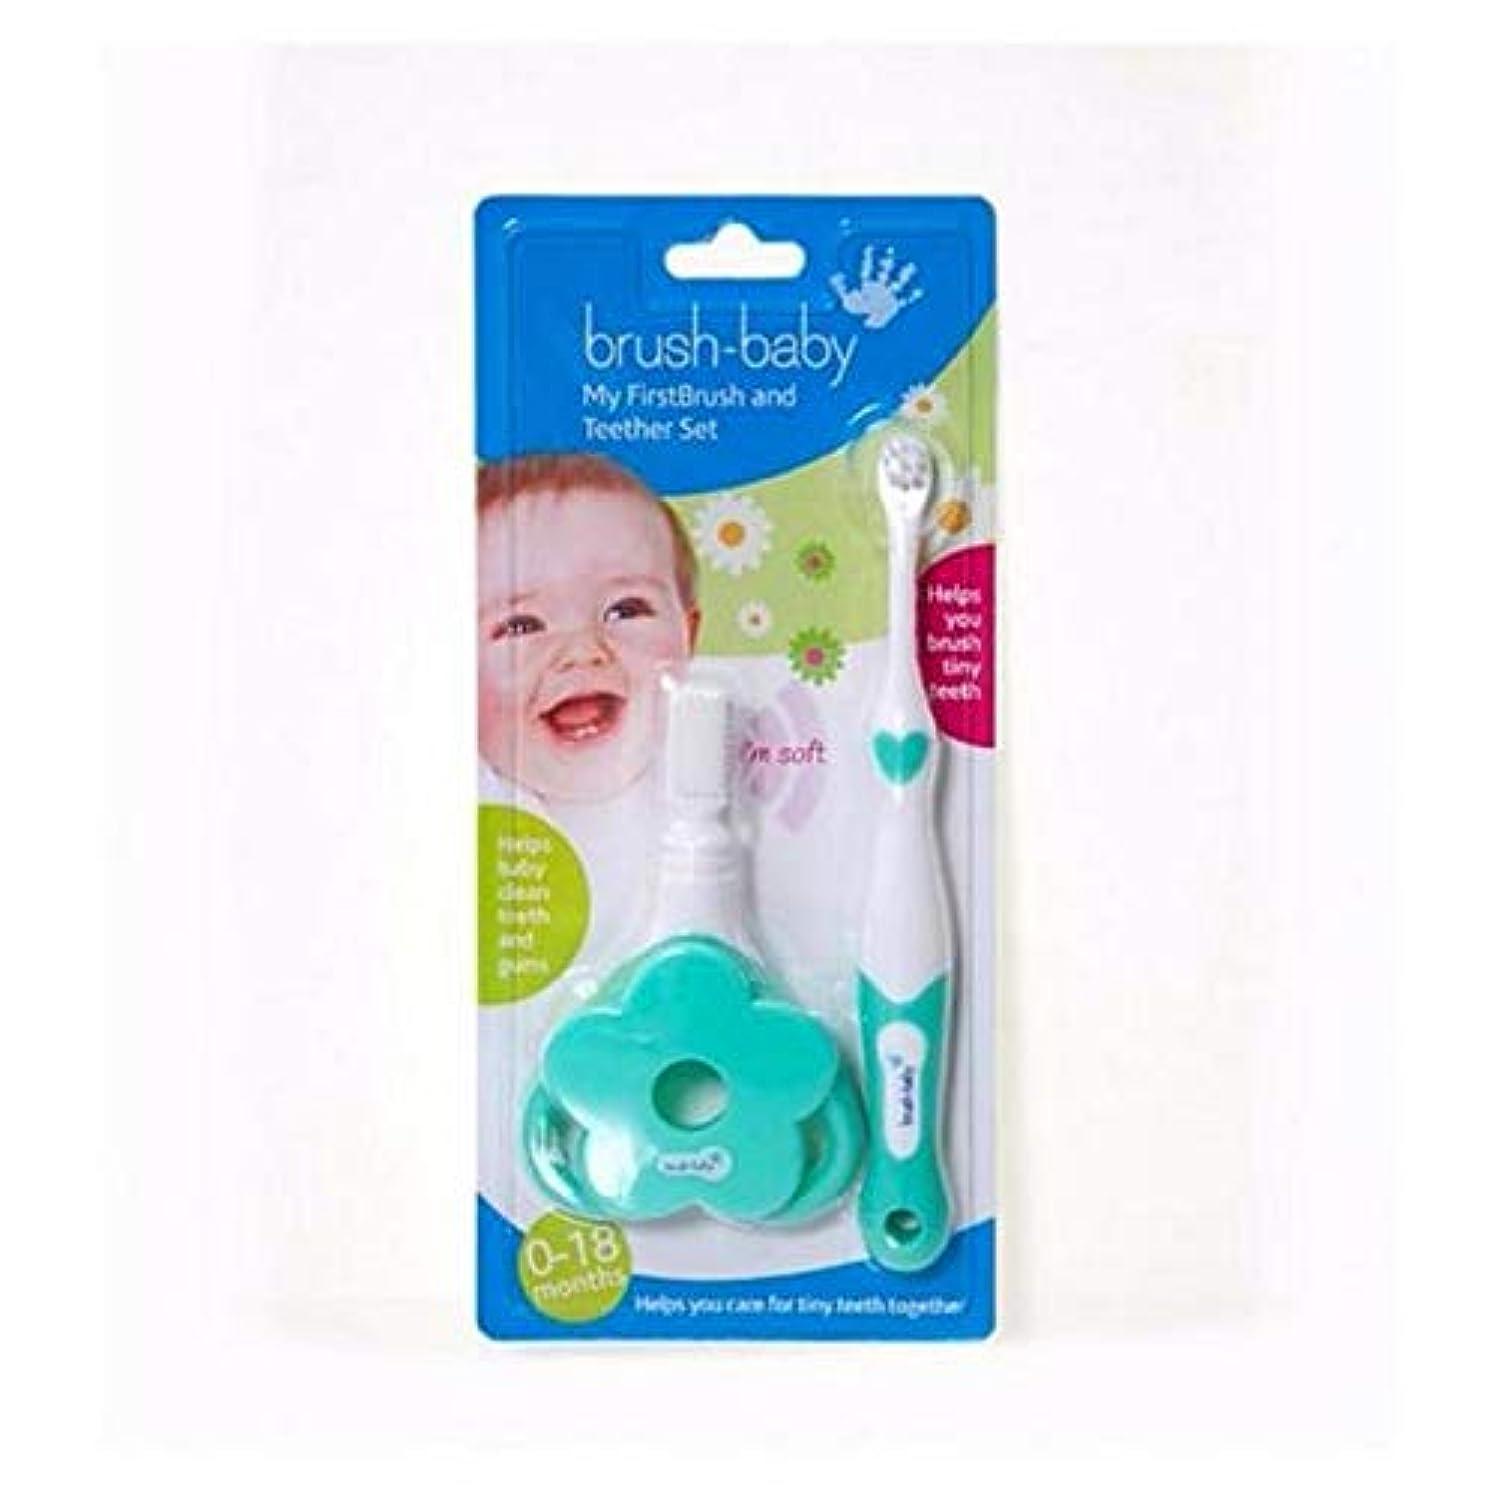 指標せせらぎ進化[Brush-Baby ] ブラシ赤ちゃんが私のFirstbrush&おしゃぶりはパックごとに2を設定します - Brush-Baby My FirstBrush & Teether Set 2 per pack [並行輸入品]